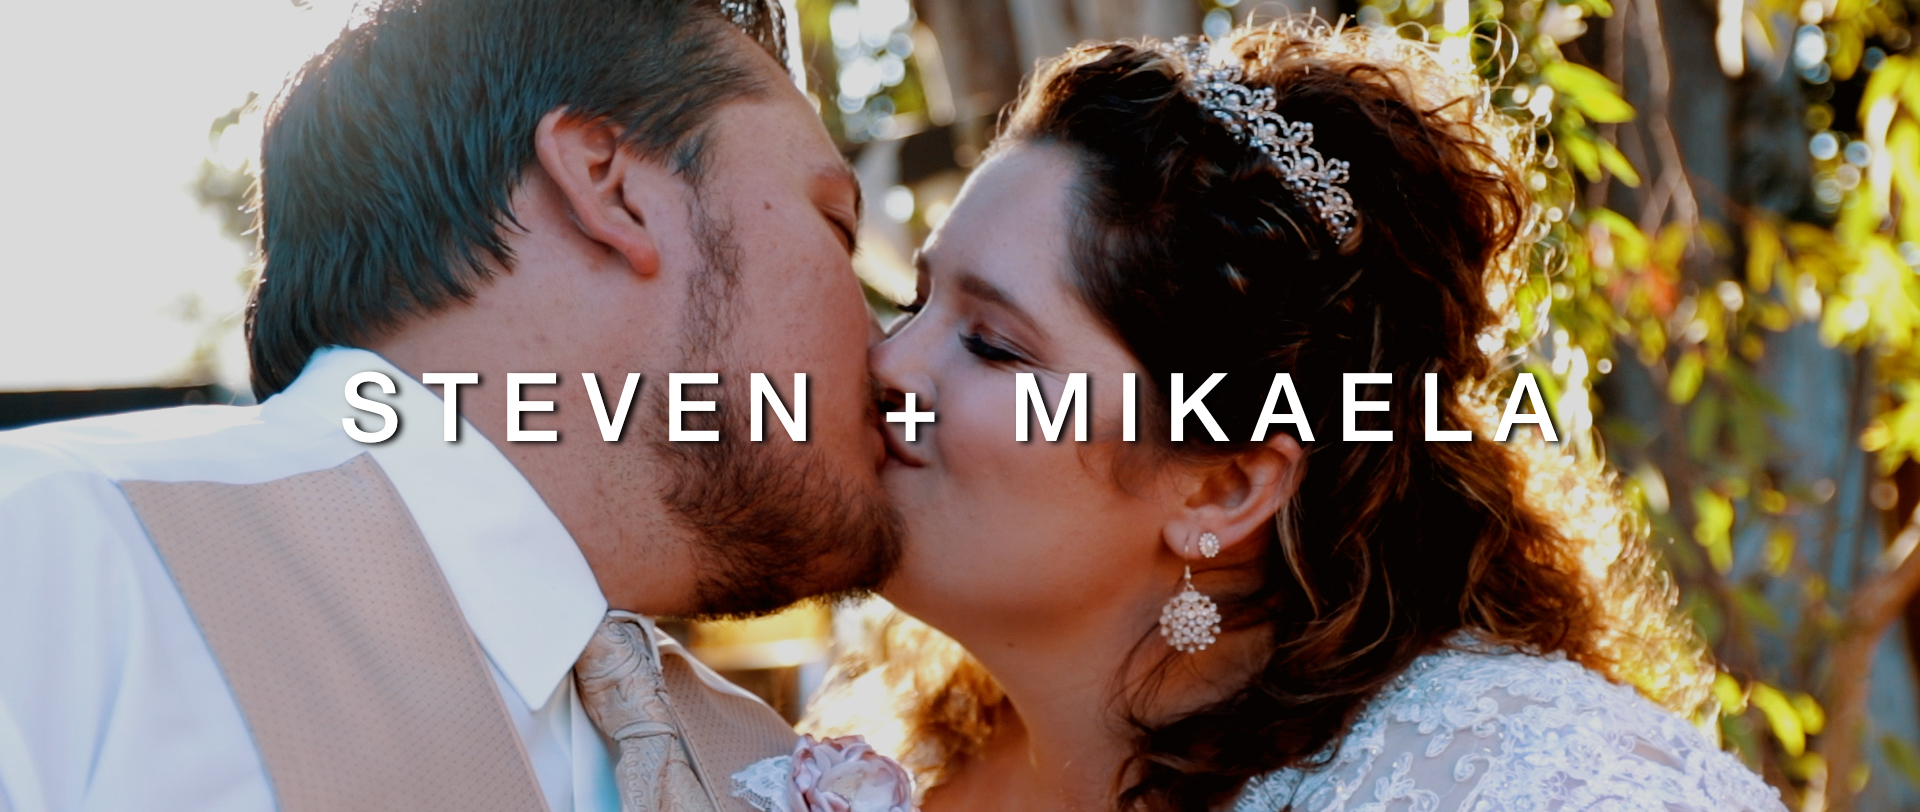 steven and mikaela banner.jpg